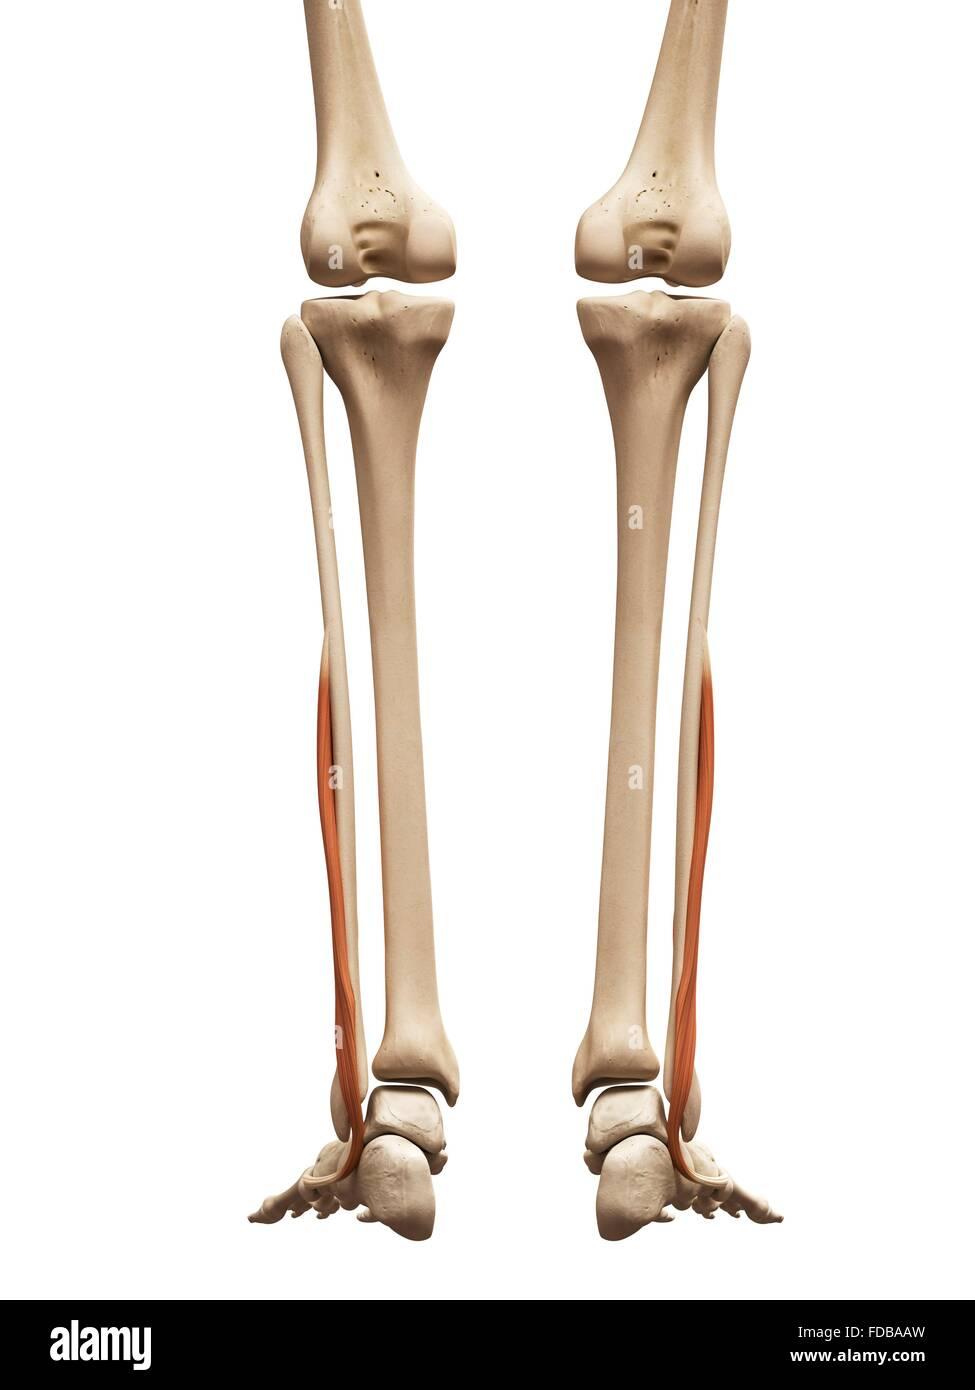 Fein Anatomie Der Beinmuskulatur Ideen - Menschliche Anatomie Bilder ...